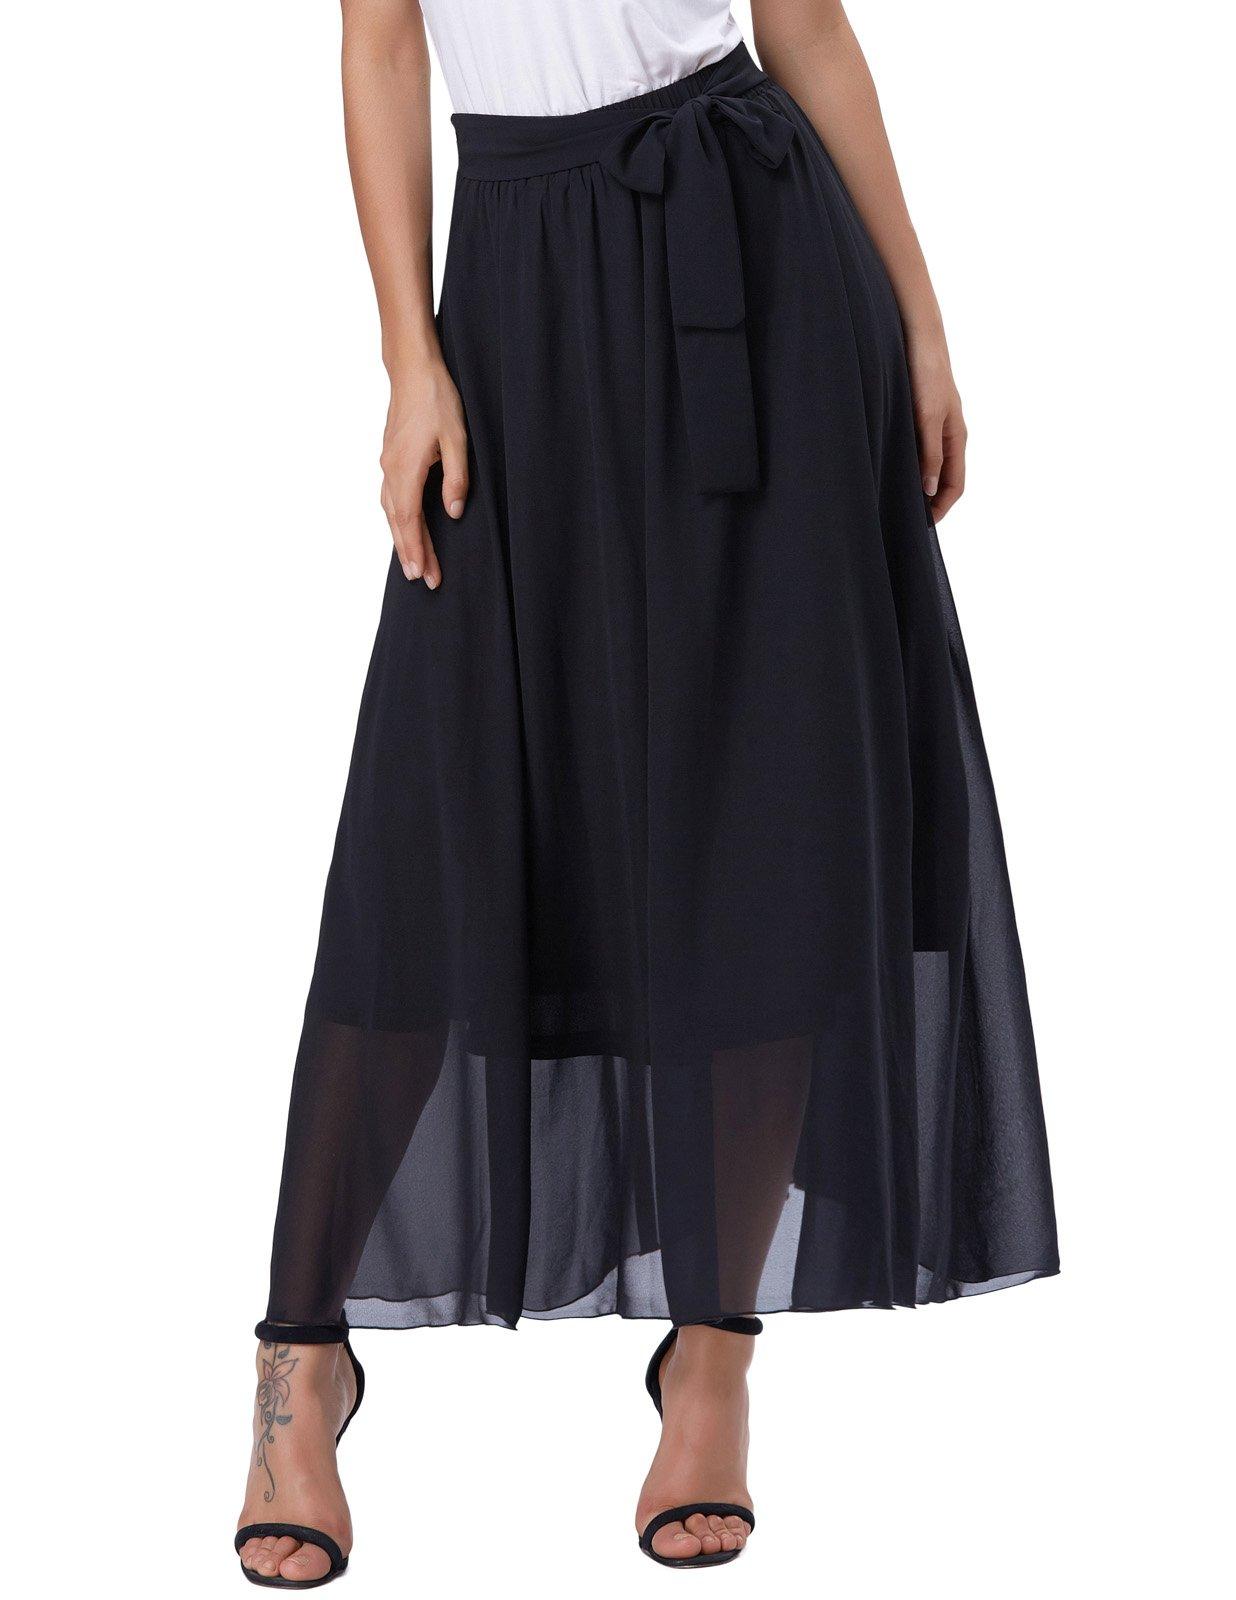 GRACE KARIN Women's Long Chiffon Tulle Skirt Floor Length Skirts Size M Black-1